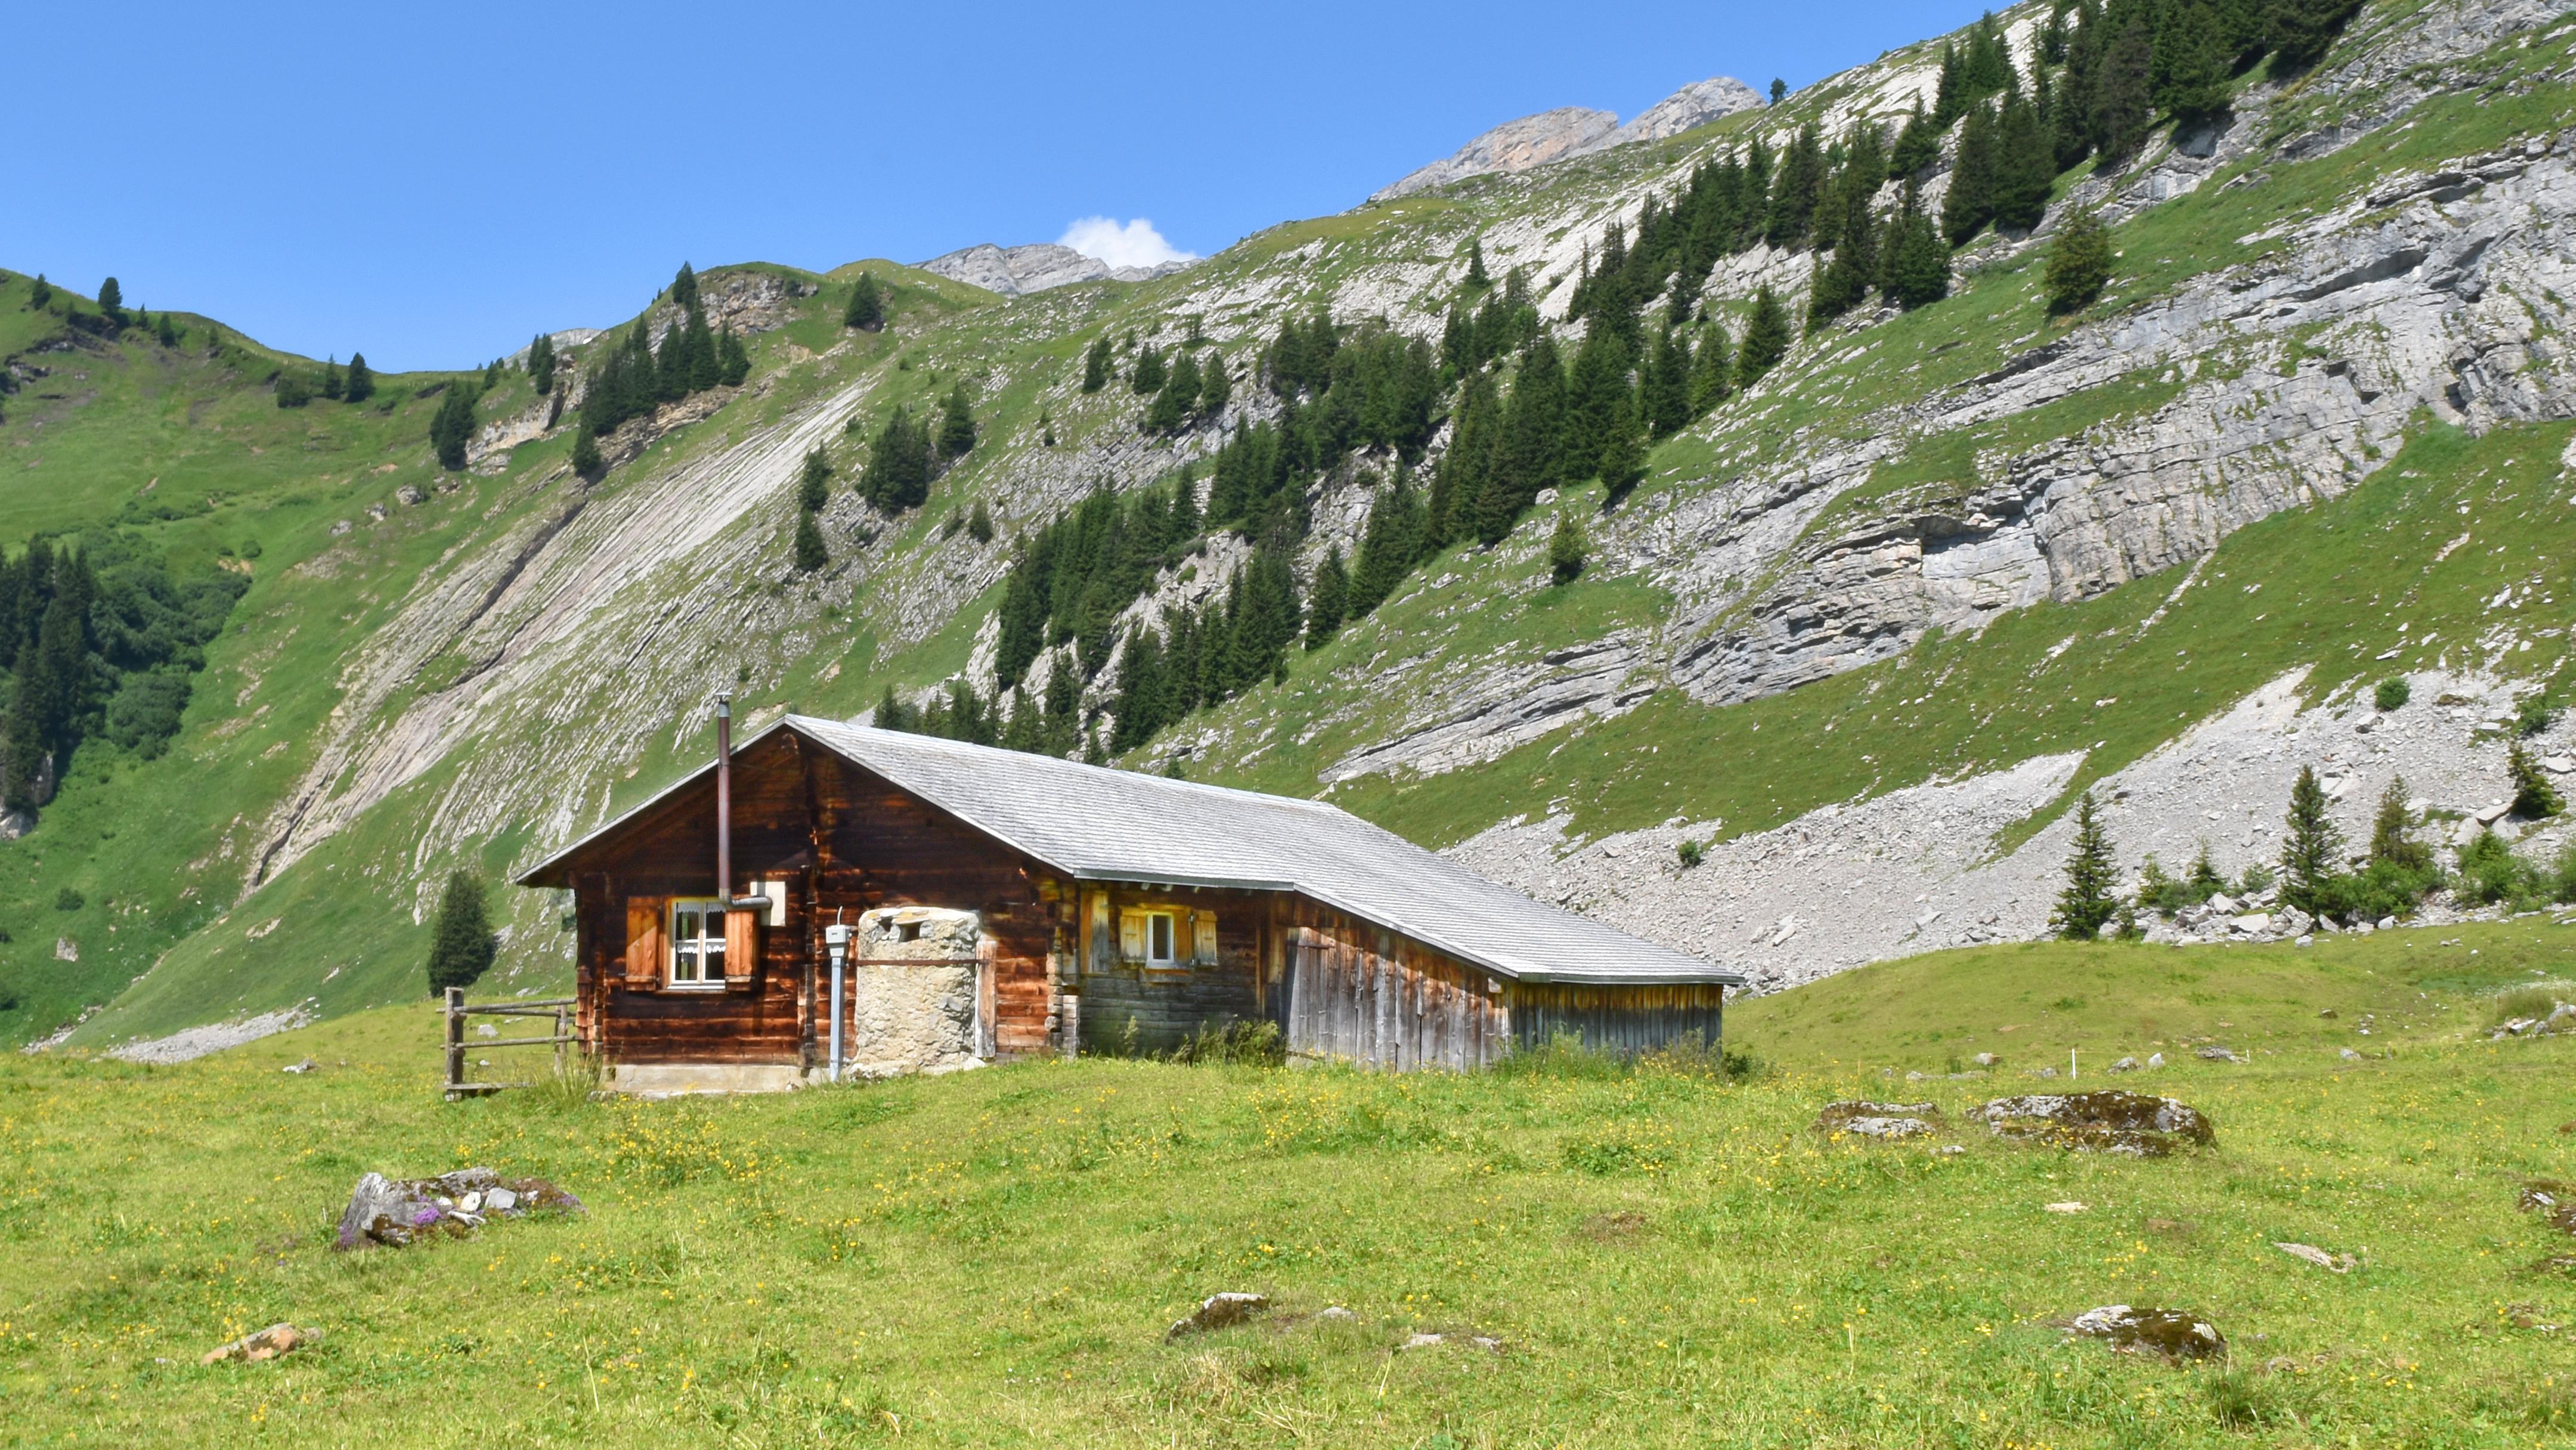 Ferien in der Schweiz – Ferienunterkünfte: Buche ein gemütliches Wanderhotel oder miete eine Alphütte, ein Maiensäss oder Rustico, oder eine Ferienwohnung, ein Ferienhaus, oder verbringe Ferien auf dem Bauernhof oder gar im Baudenkmal – Hier geht's zu den Angeboten. Ab in die Wanderferien!